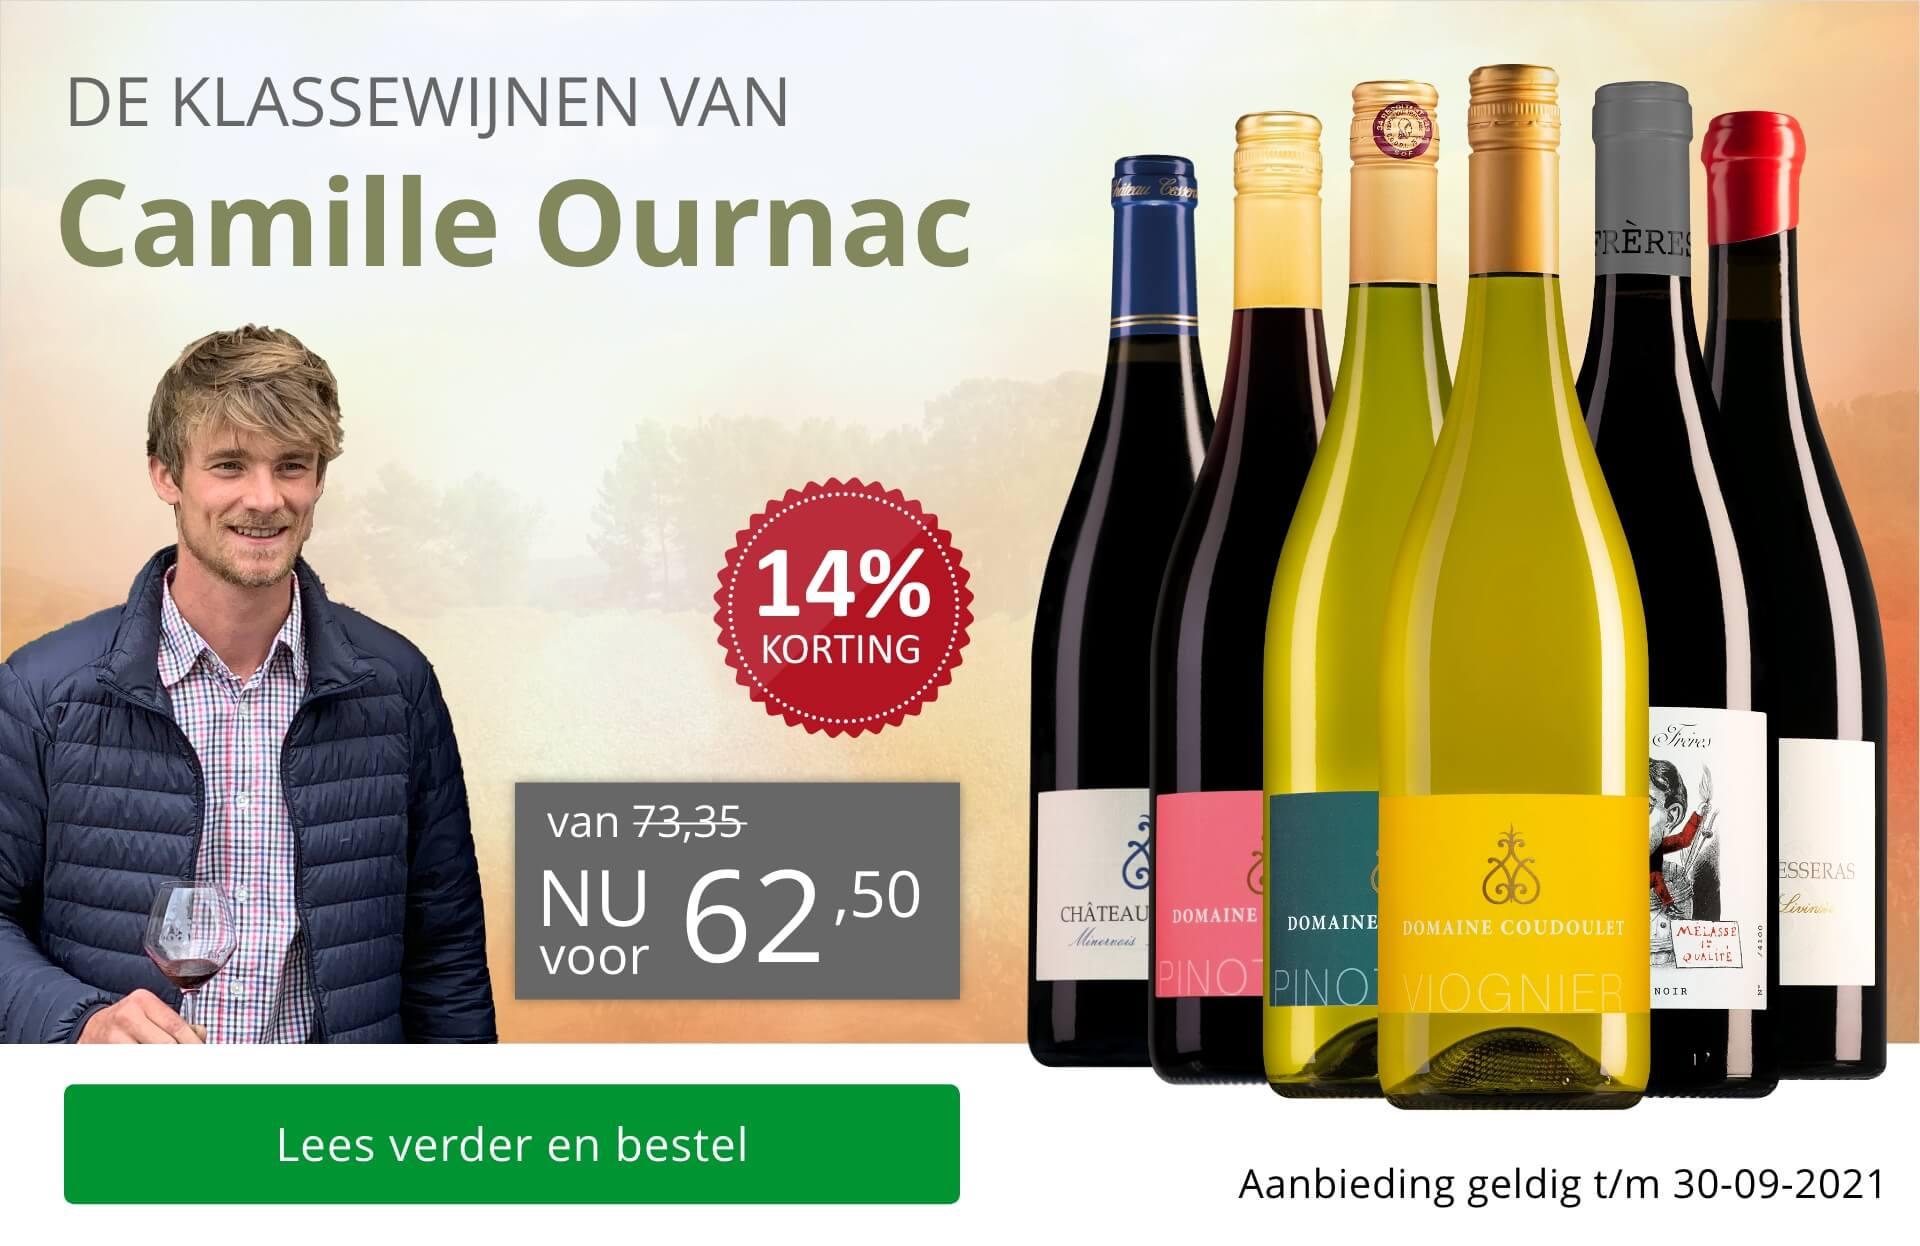 Wijnpakket Camille Ournac